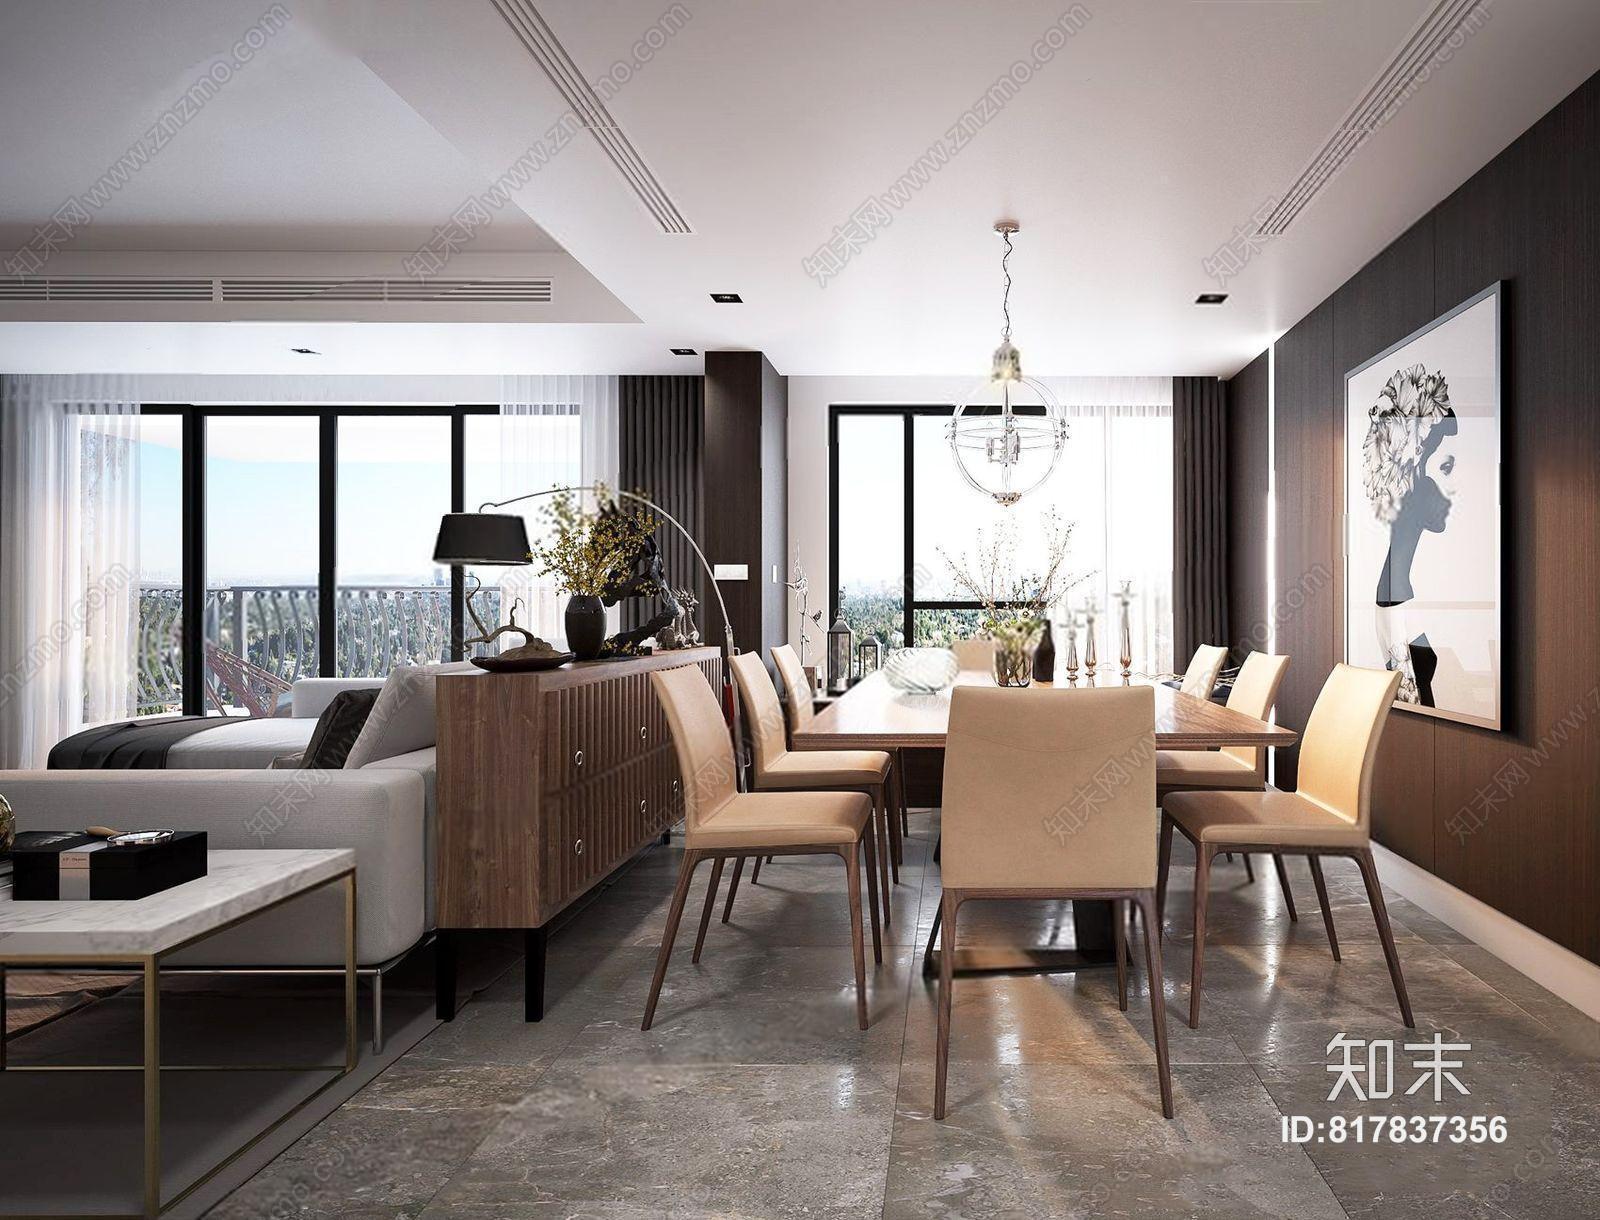 现代客餐厅 现代整体模型 多人沙发 茶几 边几 电视柜 餐桌椅 边柜 吊灯 绿植 挂画 饰品 摆件